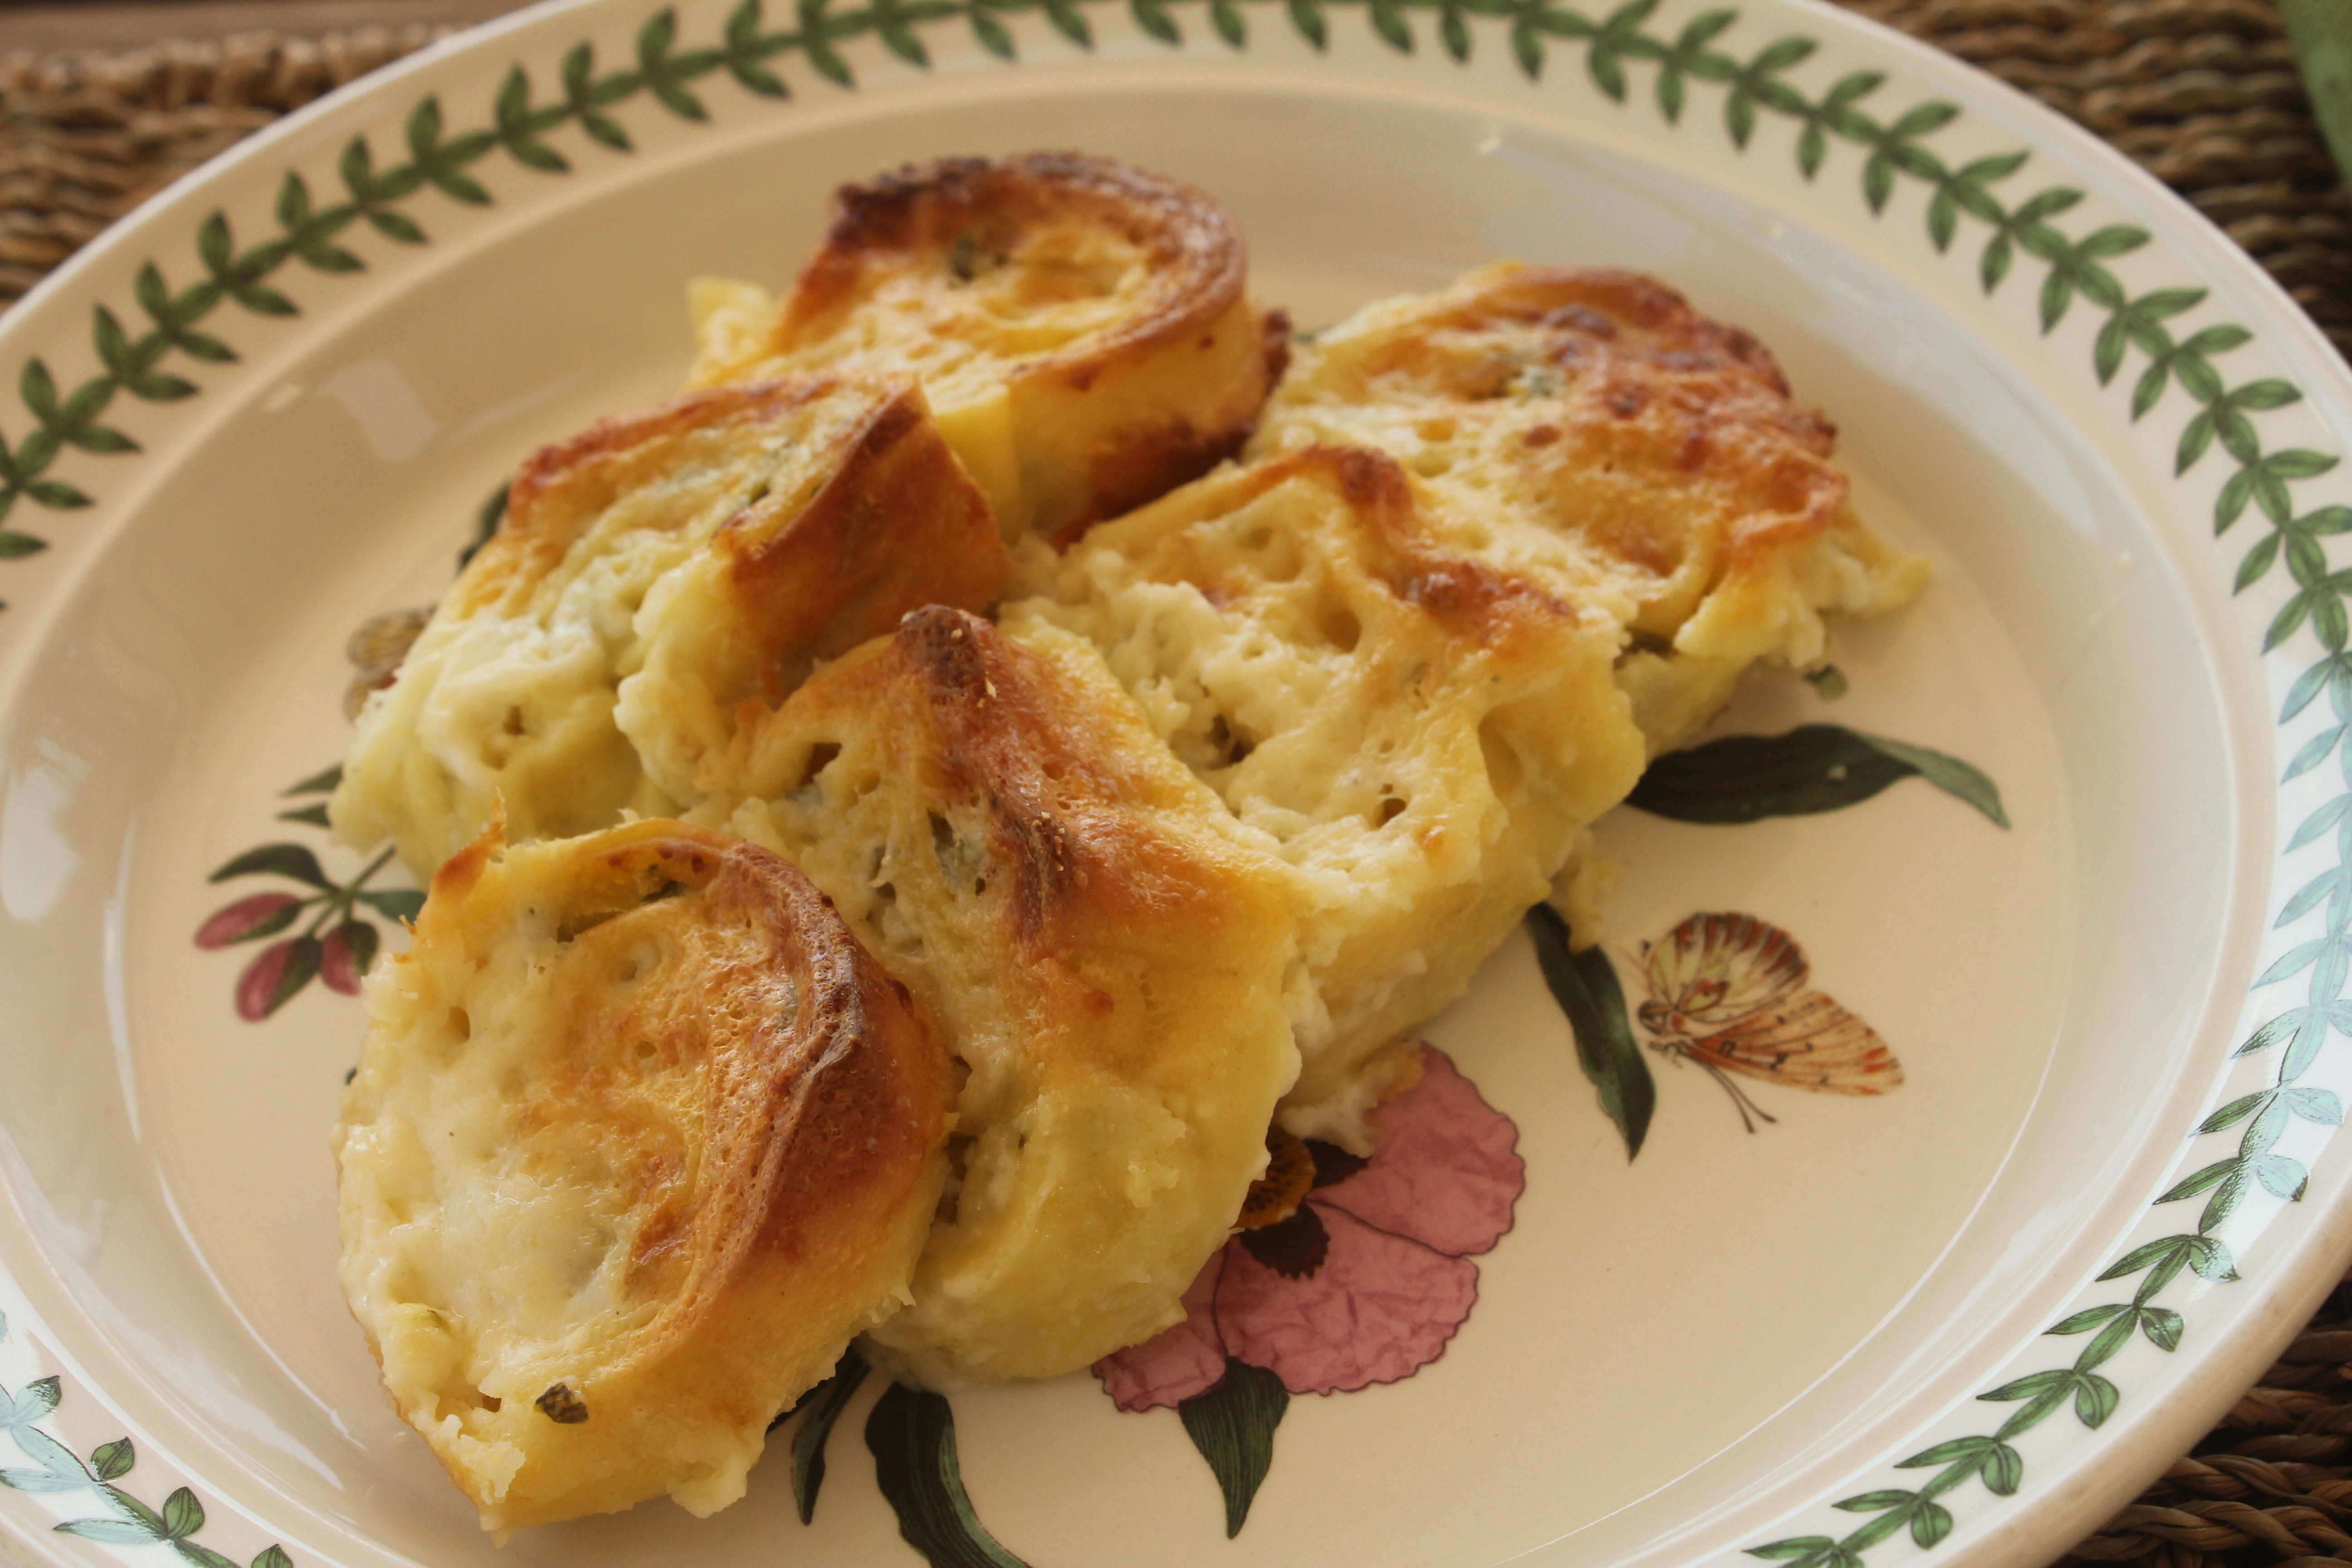 Rotolo di pasta fresca bimby zucchine tm31 tm5 for Ricette di pasta